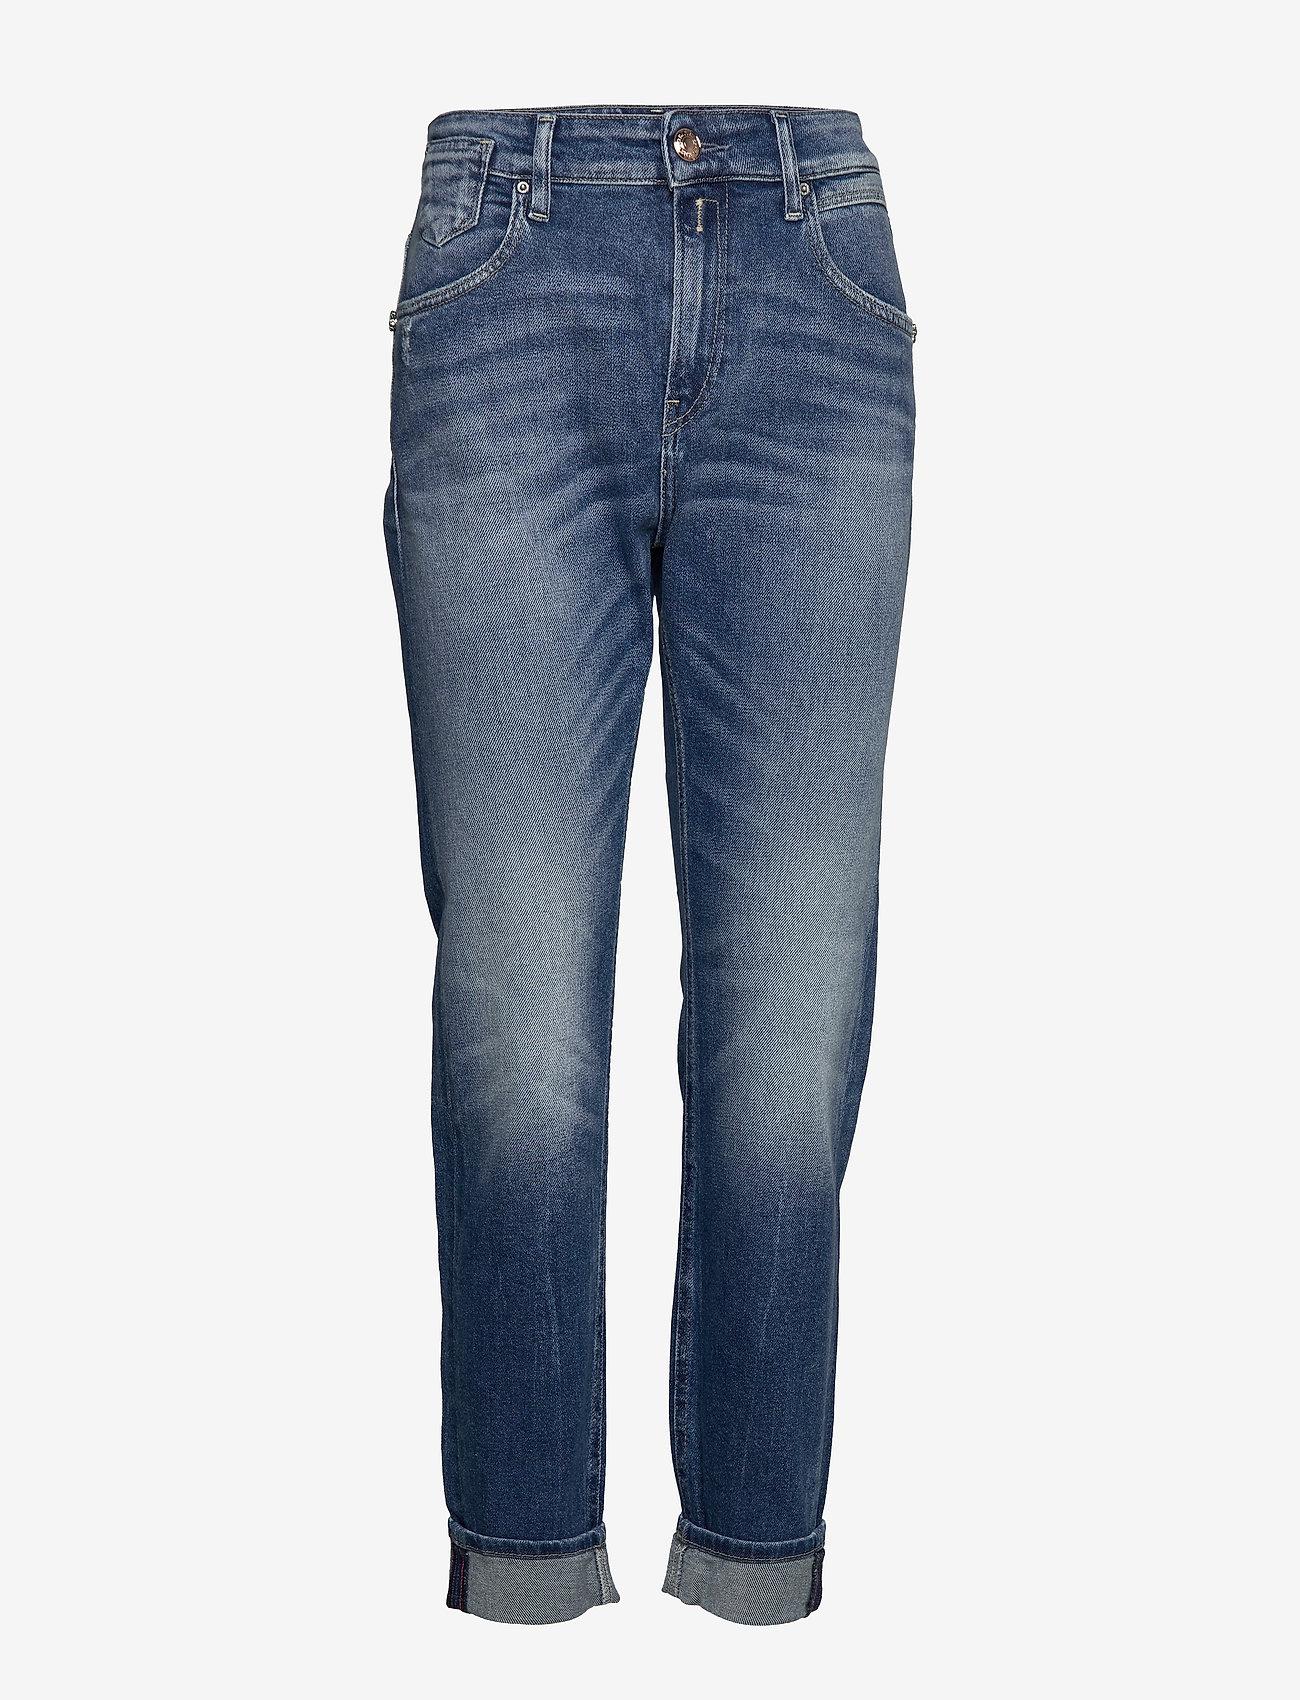 Replay - Shirt - dżinsy chłopaka - medium blue - 0